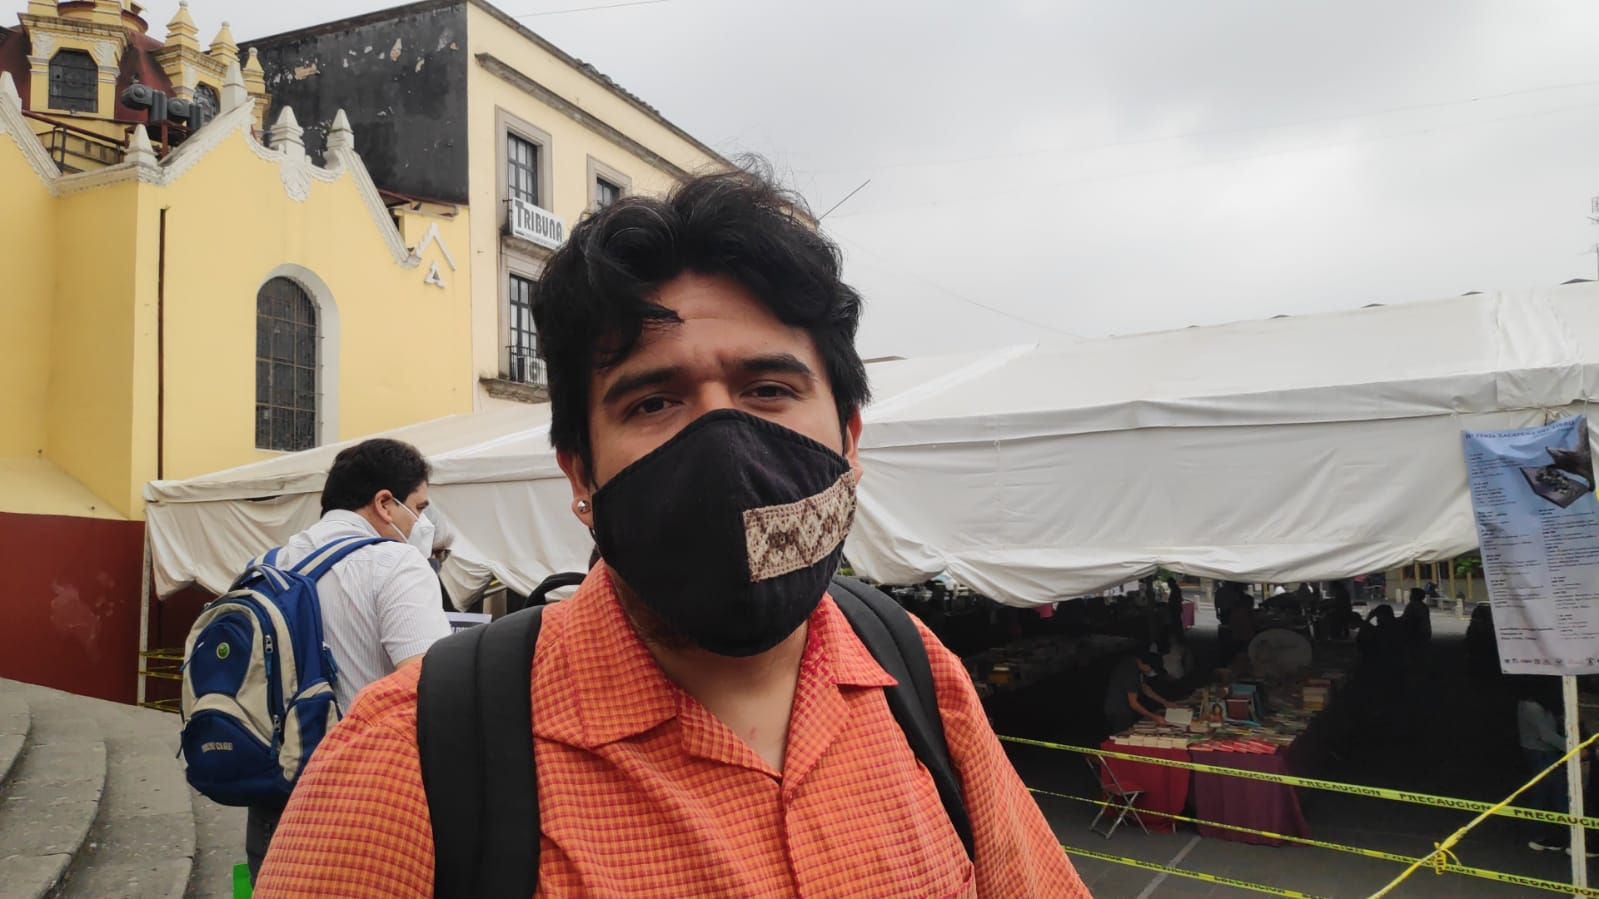 Proyectos mineros no se detienen; LAVIDA llama a continuar la resistencia civil